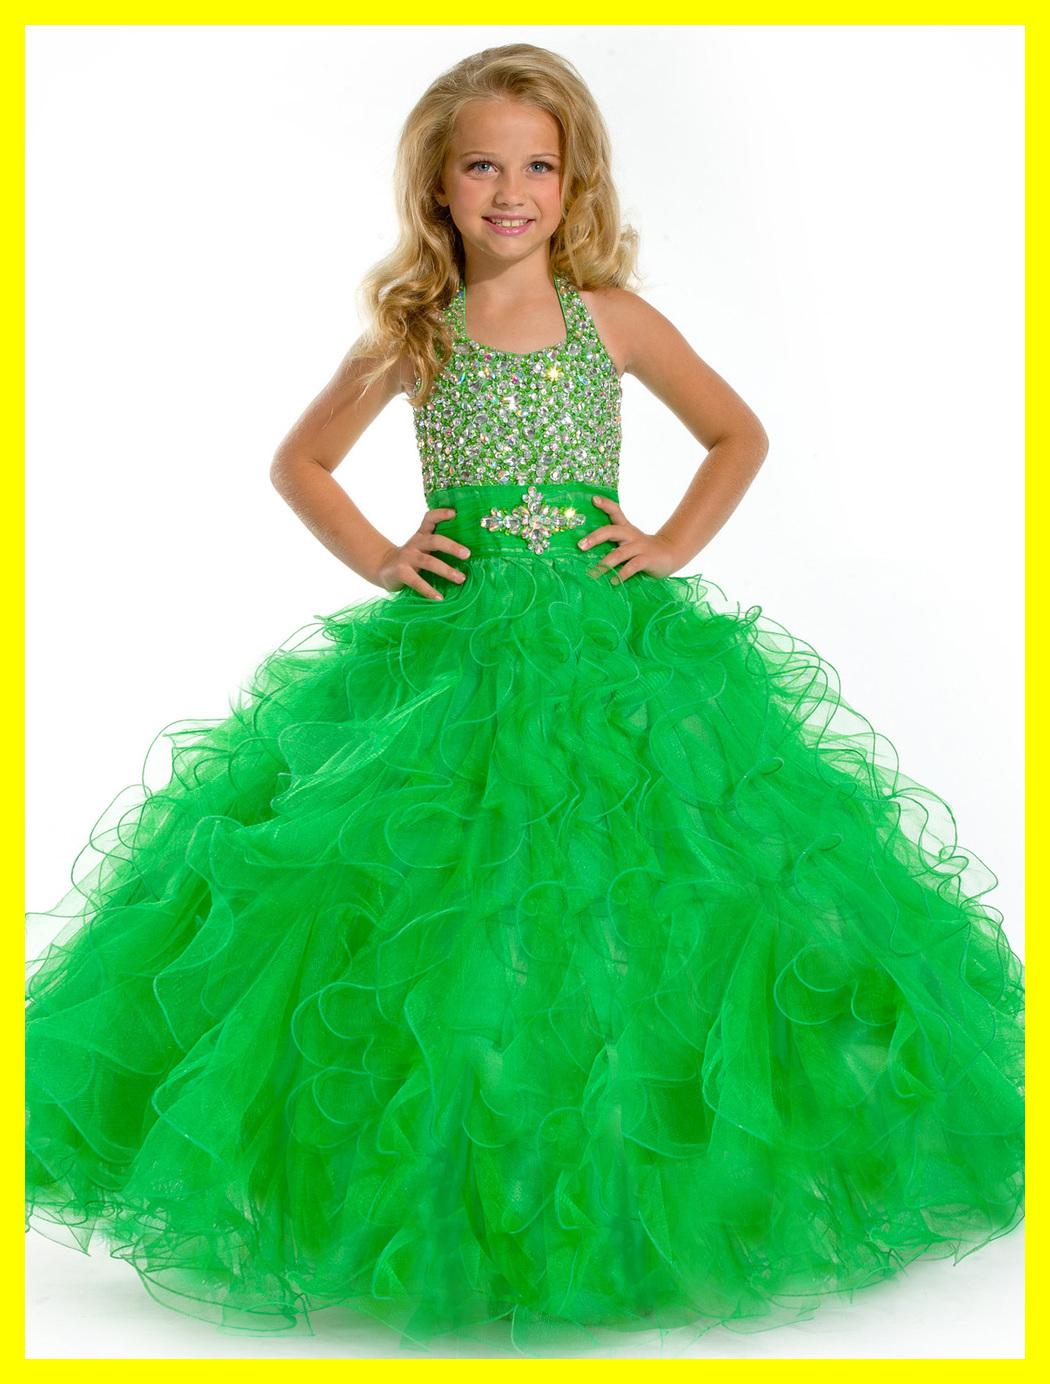 Champagne Flower Girl Dress Dresses Baby Girls Summer Sash Pageant Halter Sle